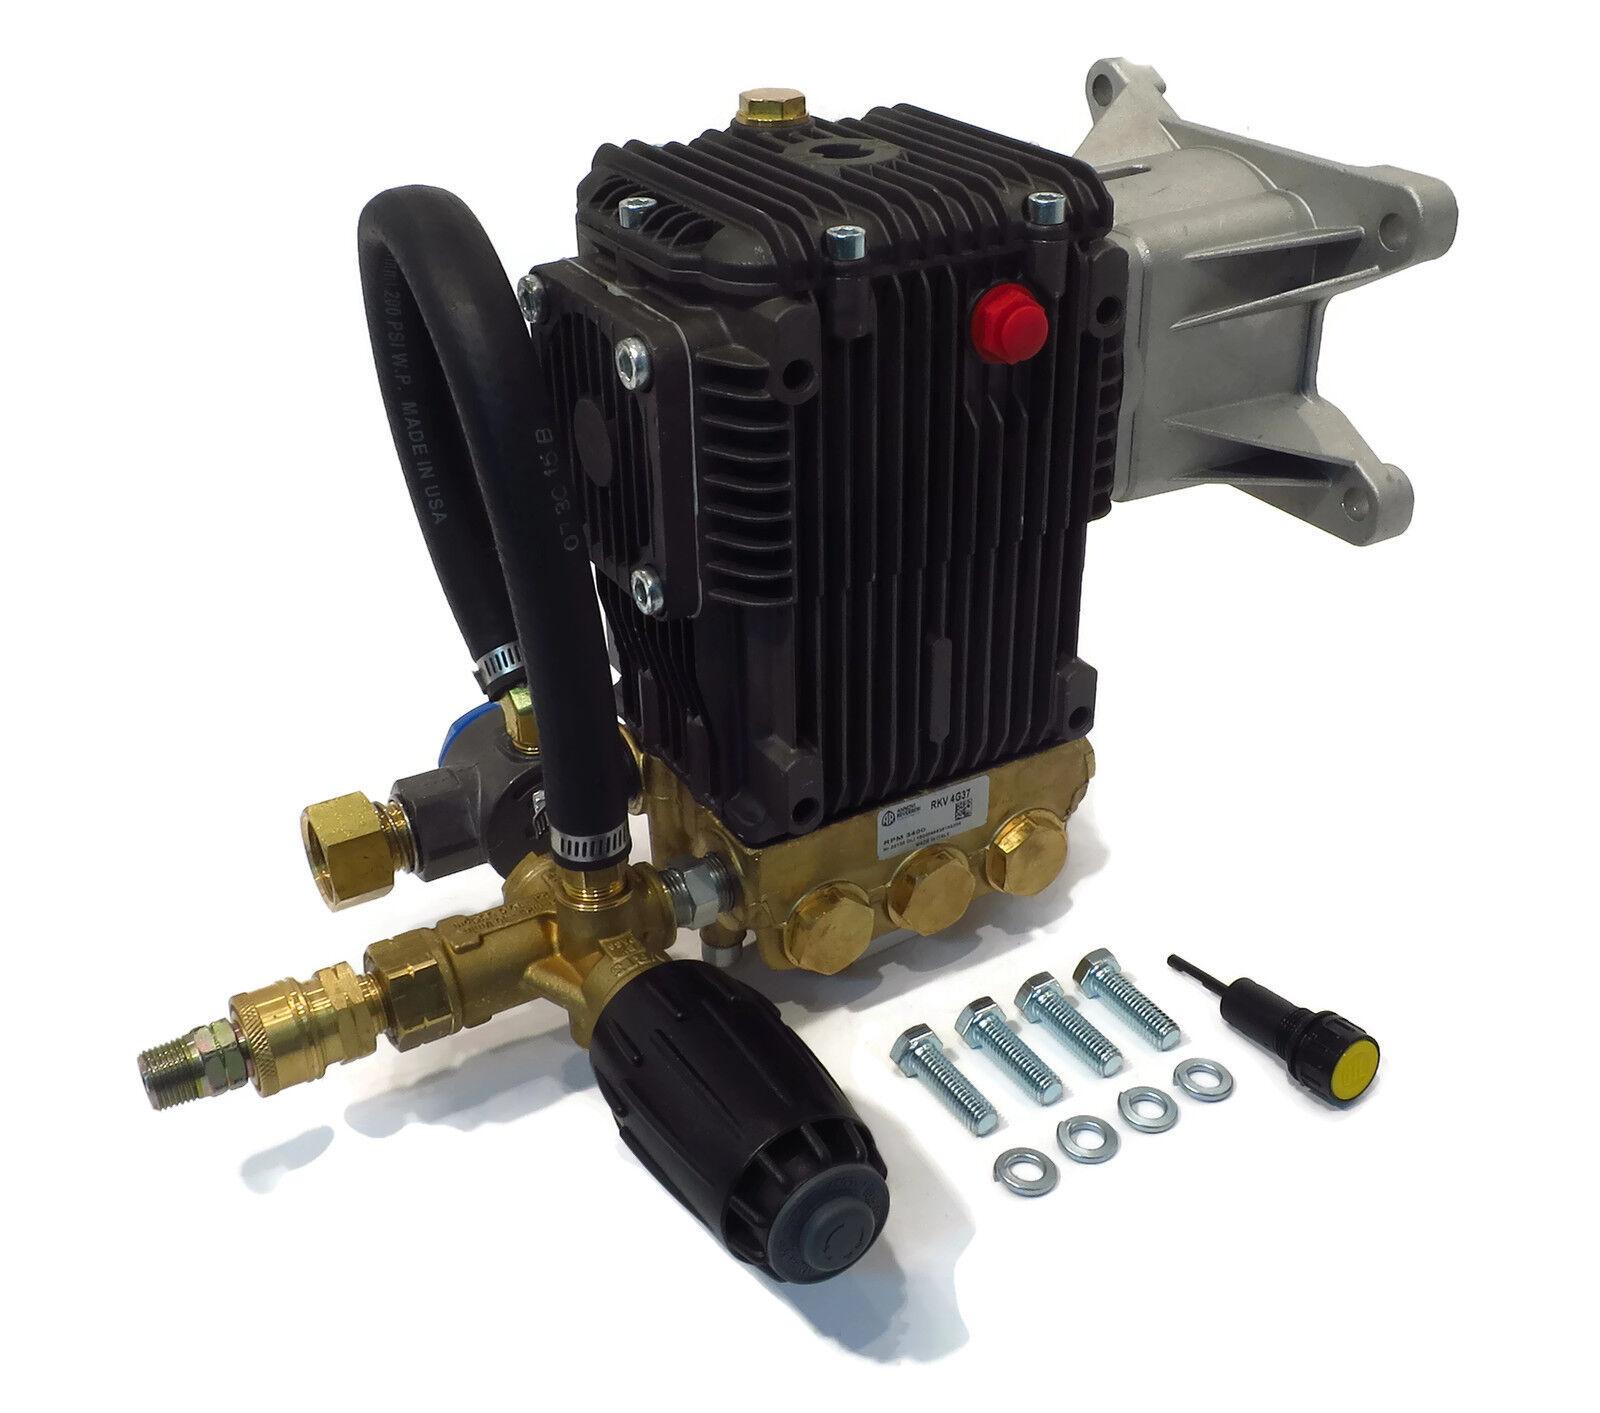 3700 PSI presión de alimentación Rkv bomba de agua Lavado Bomba & VRT3 Devilbiss EXWGC3240-1, EXWGC3240